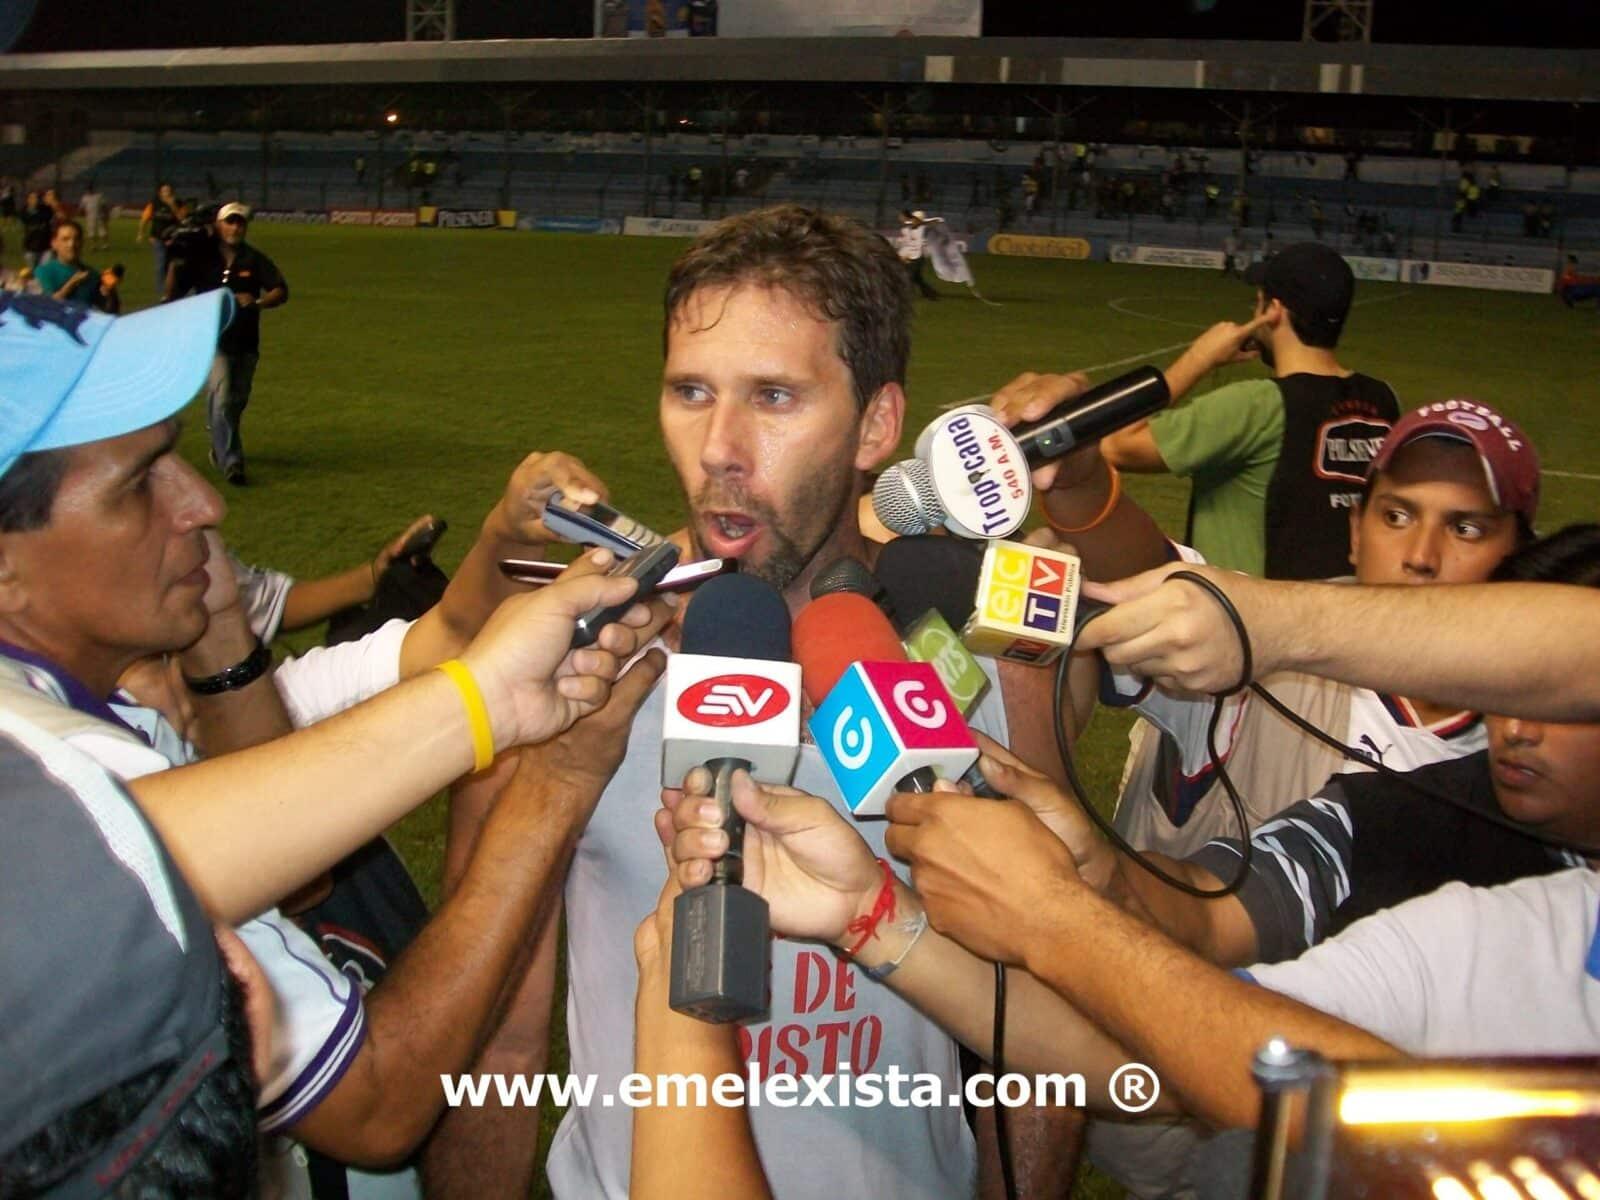 Marcelo Elizaga estaria en recuperacion por 2 semanas